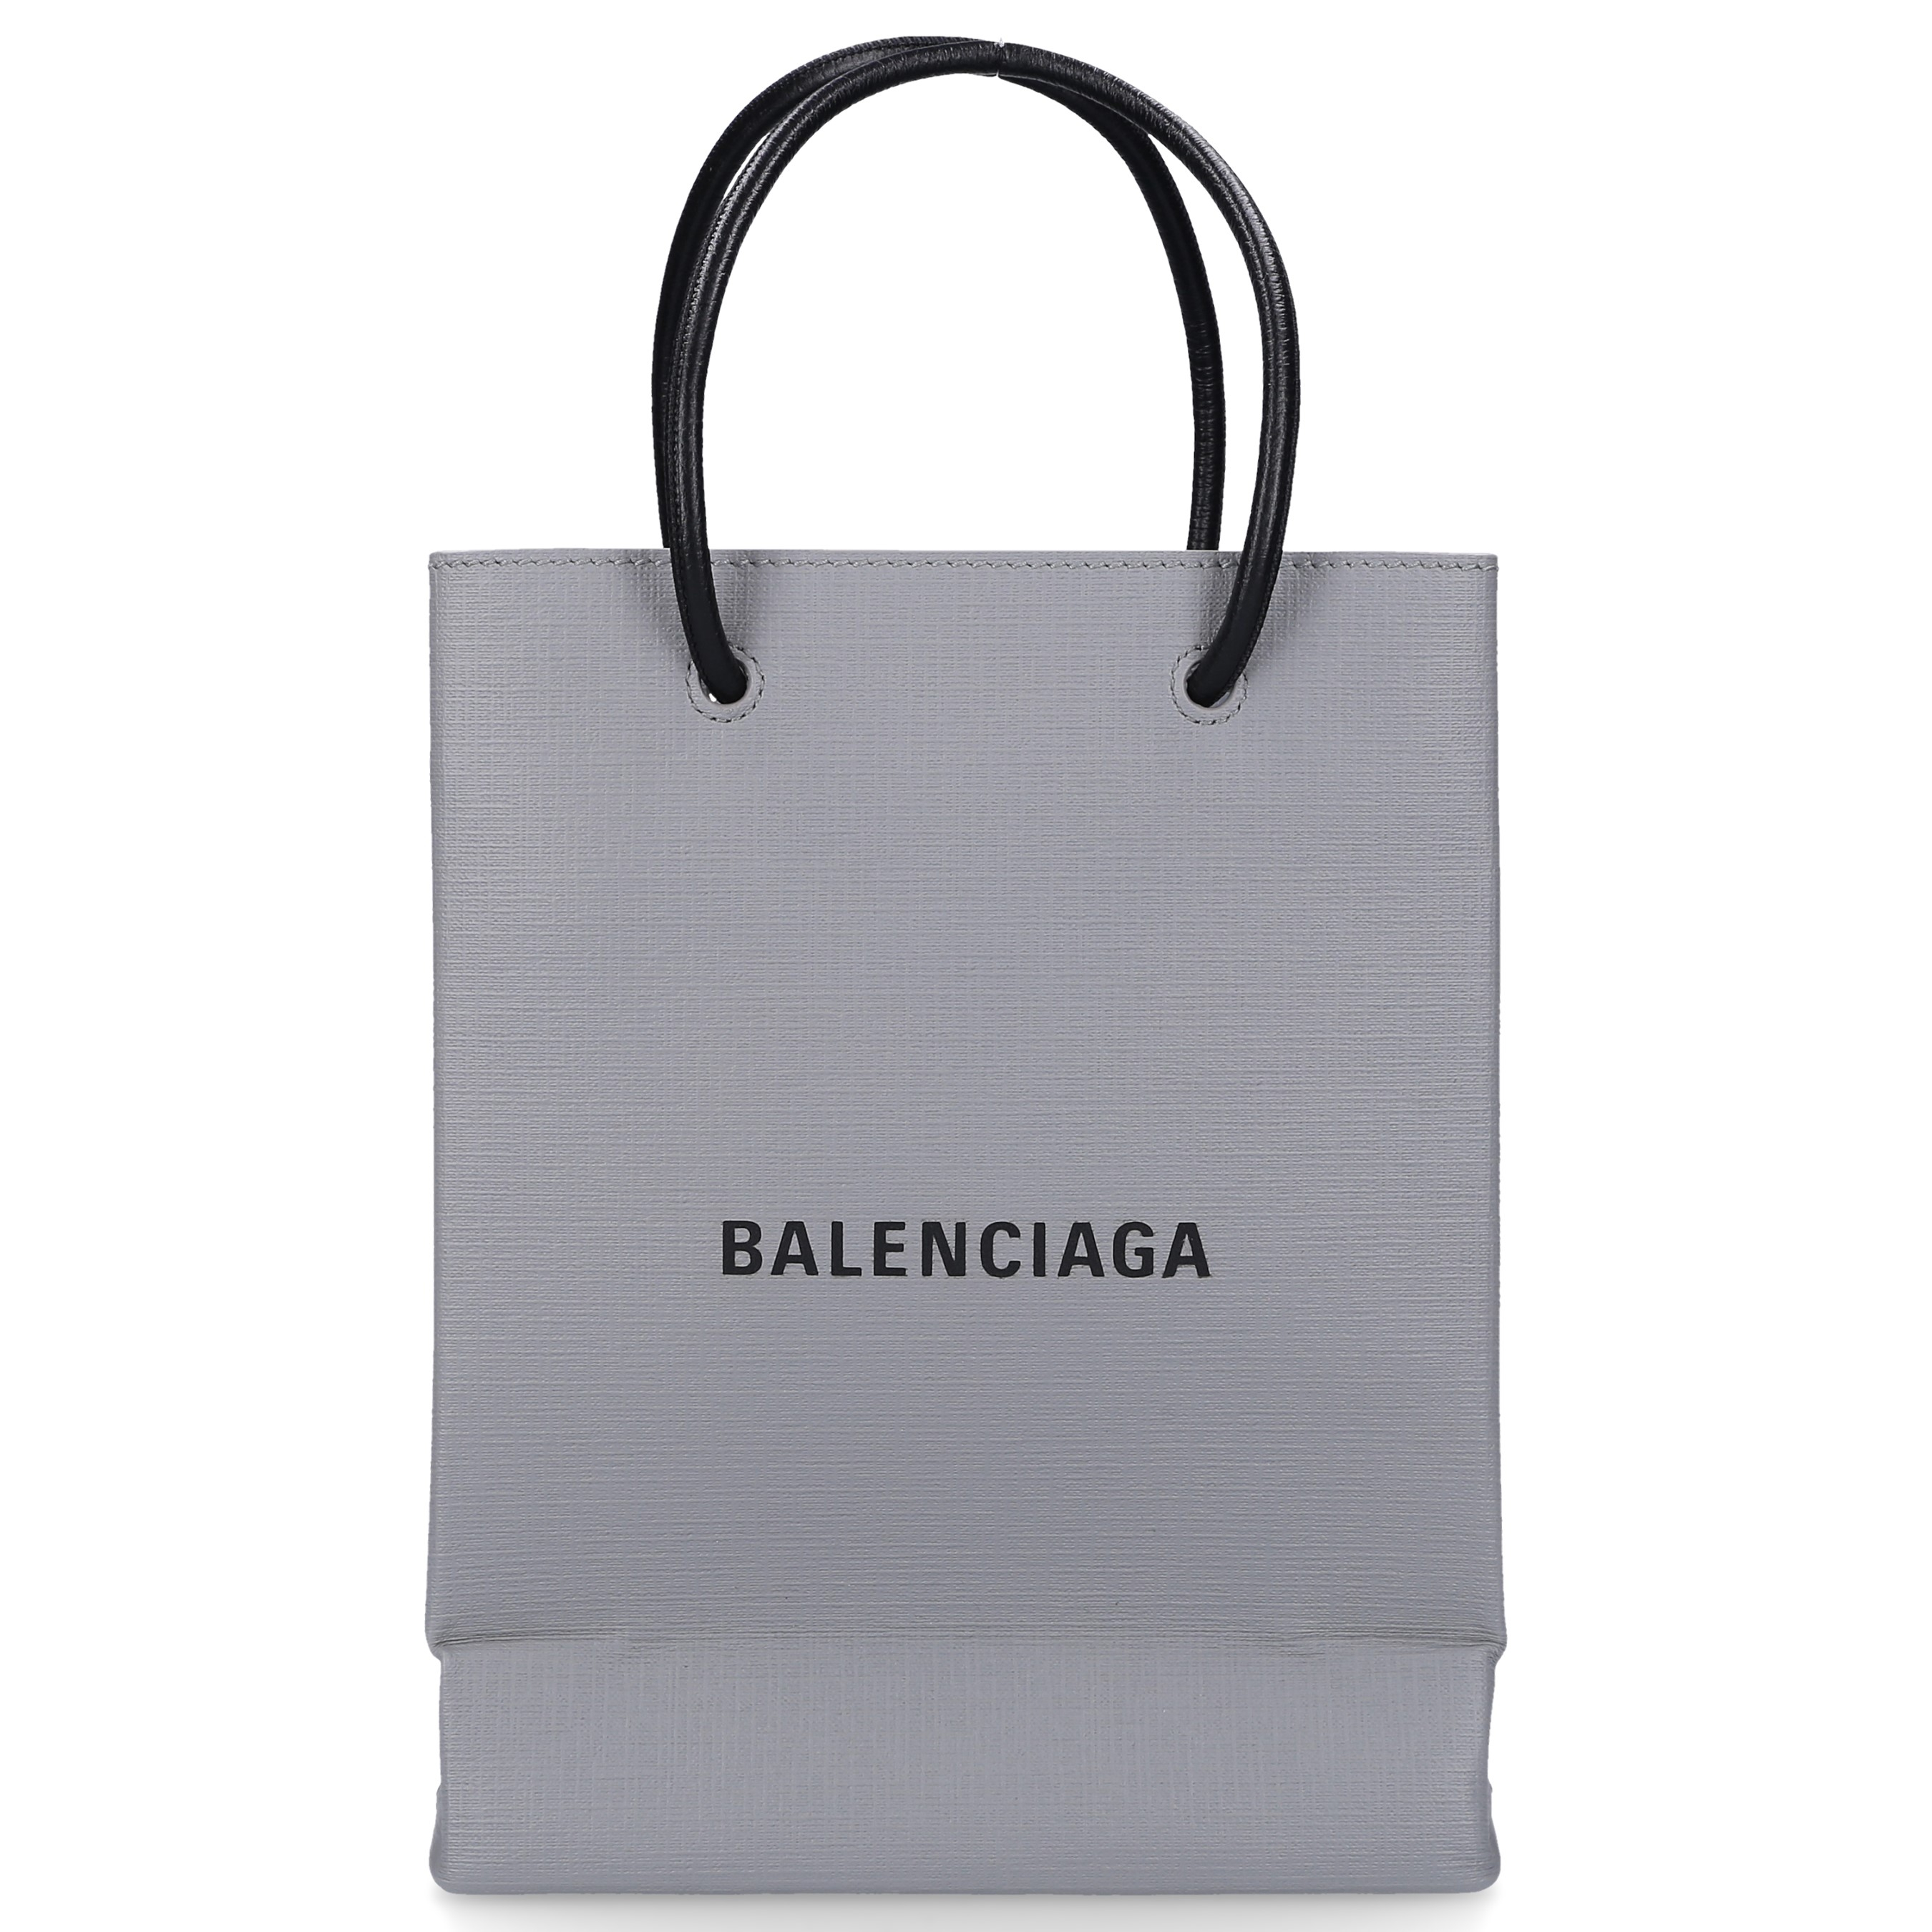 Balenciaga Handtasche SHOPPING TOTE XXS Kalbsleder Logo grau